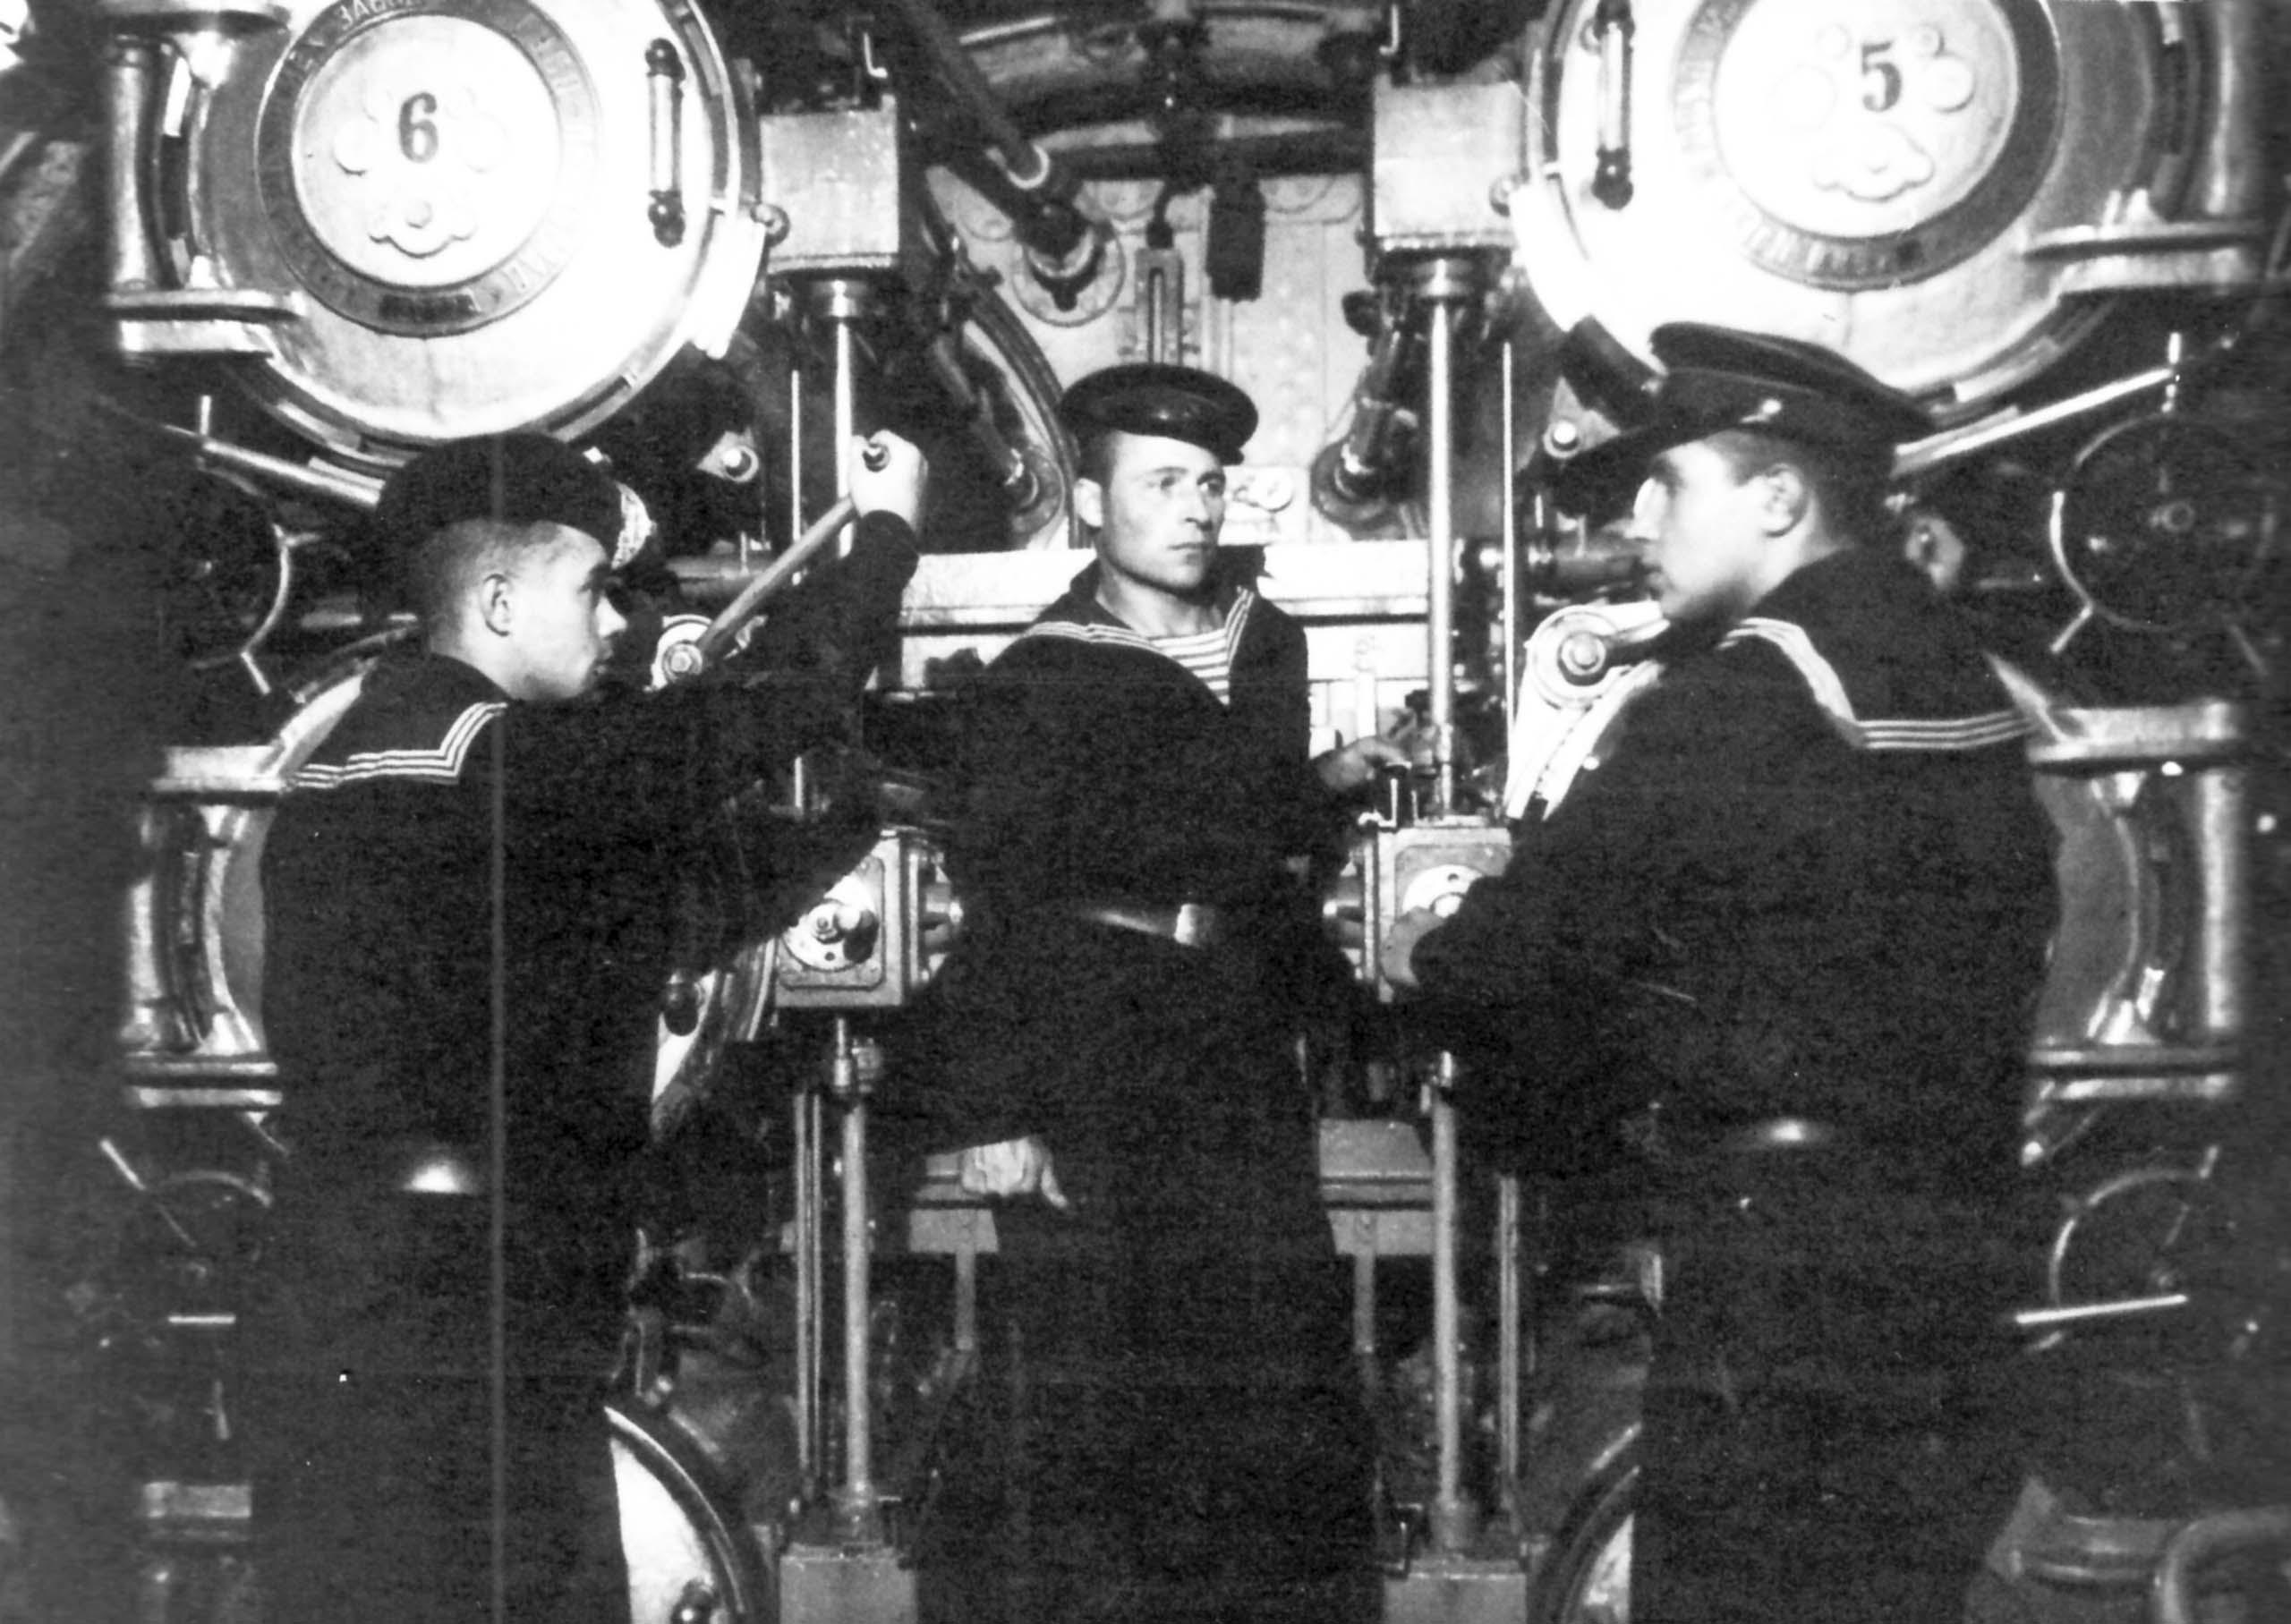 L-3 submarine